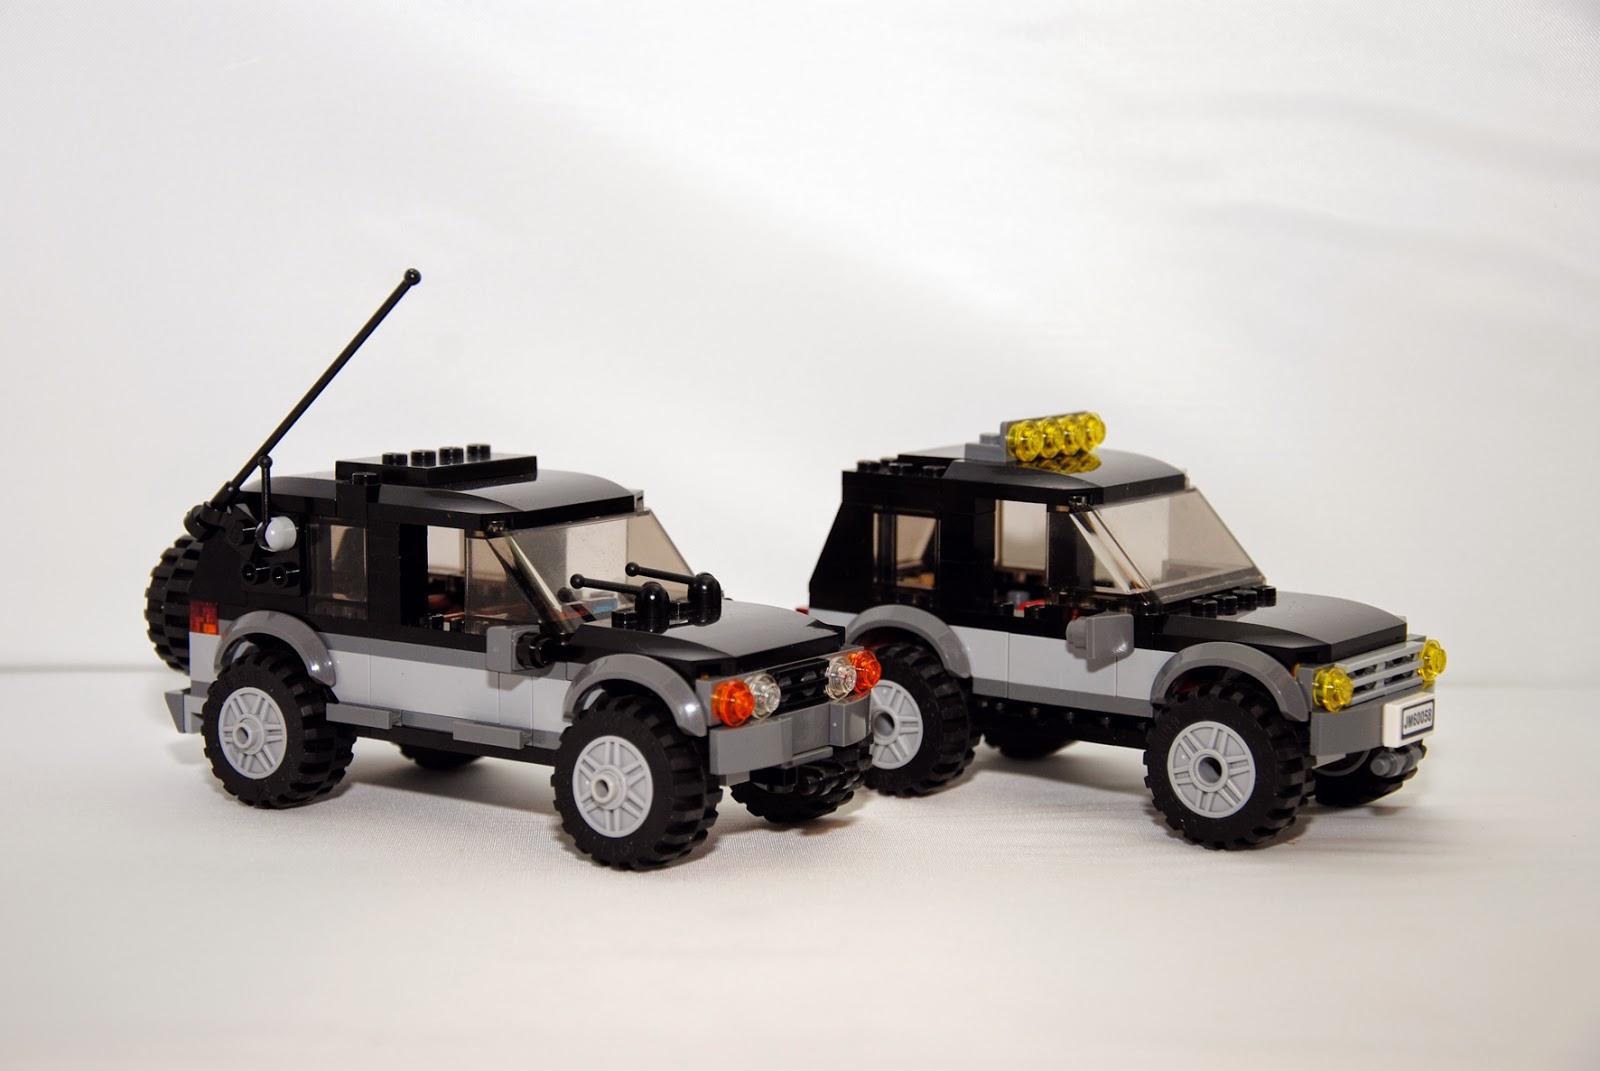 Modelo 4x4 del LBI junto al 4x4 del set 60058.